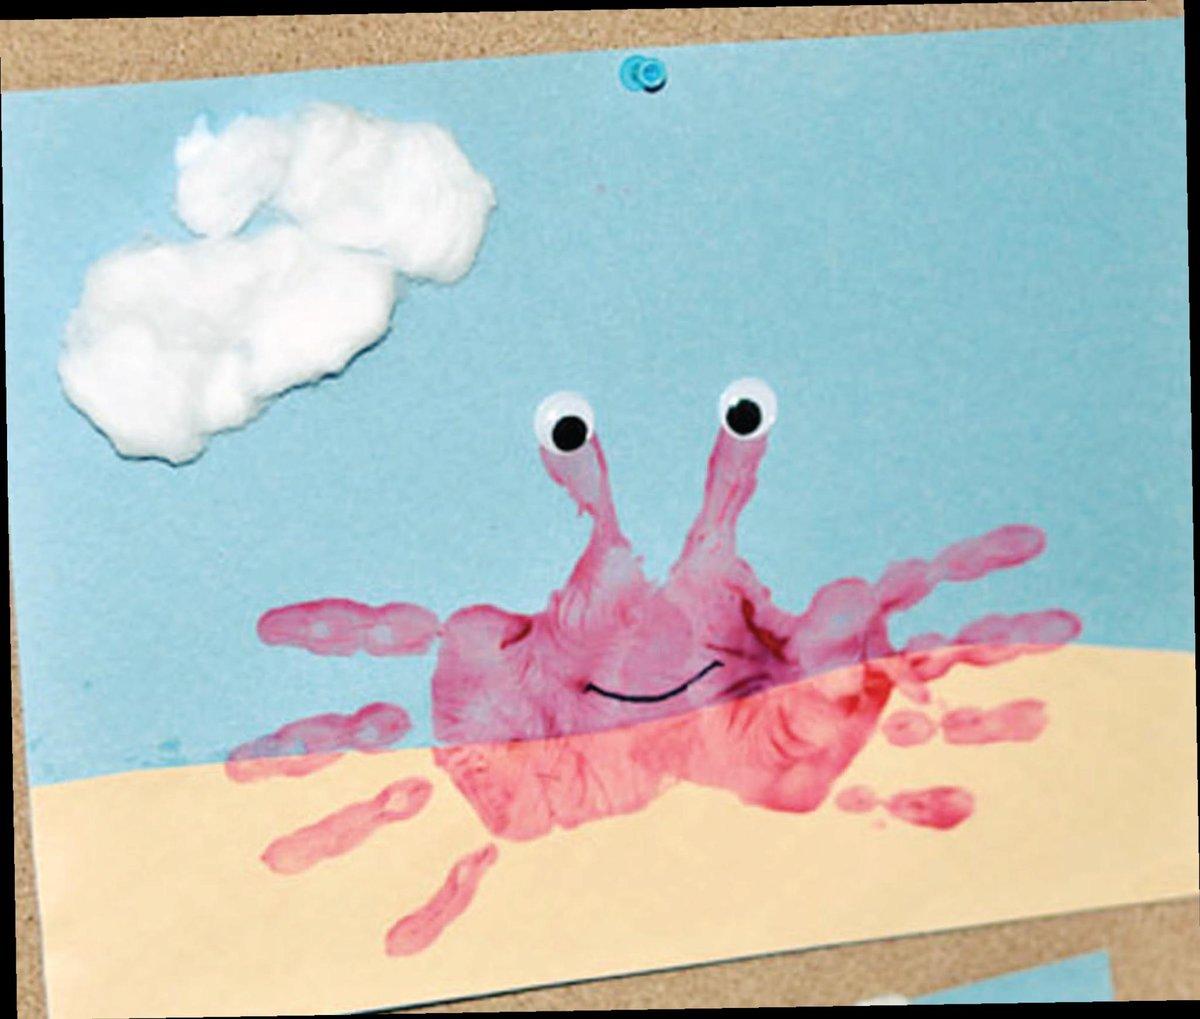 рисунки руками красками с детьми такую процедуру игнорировать